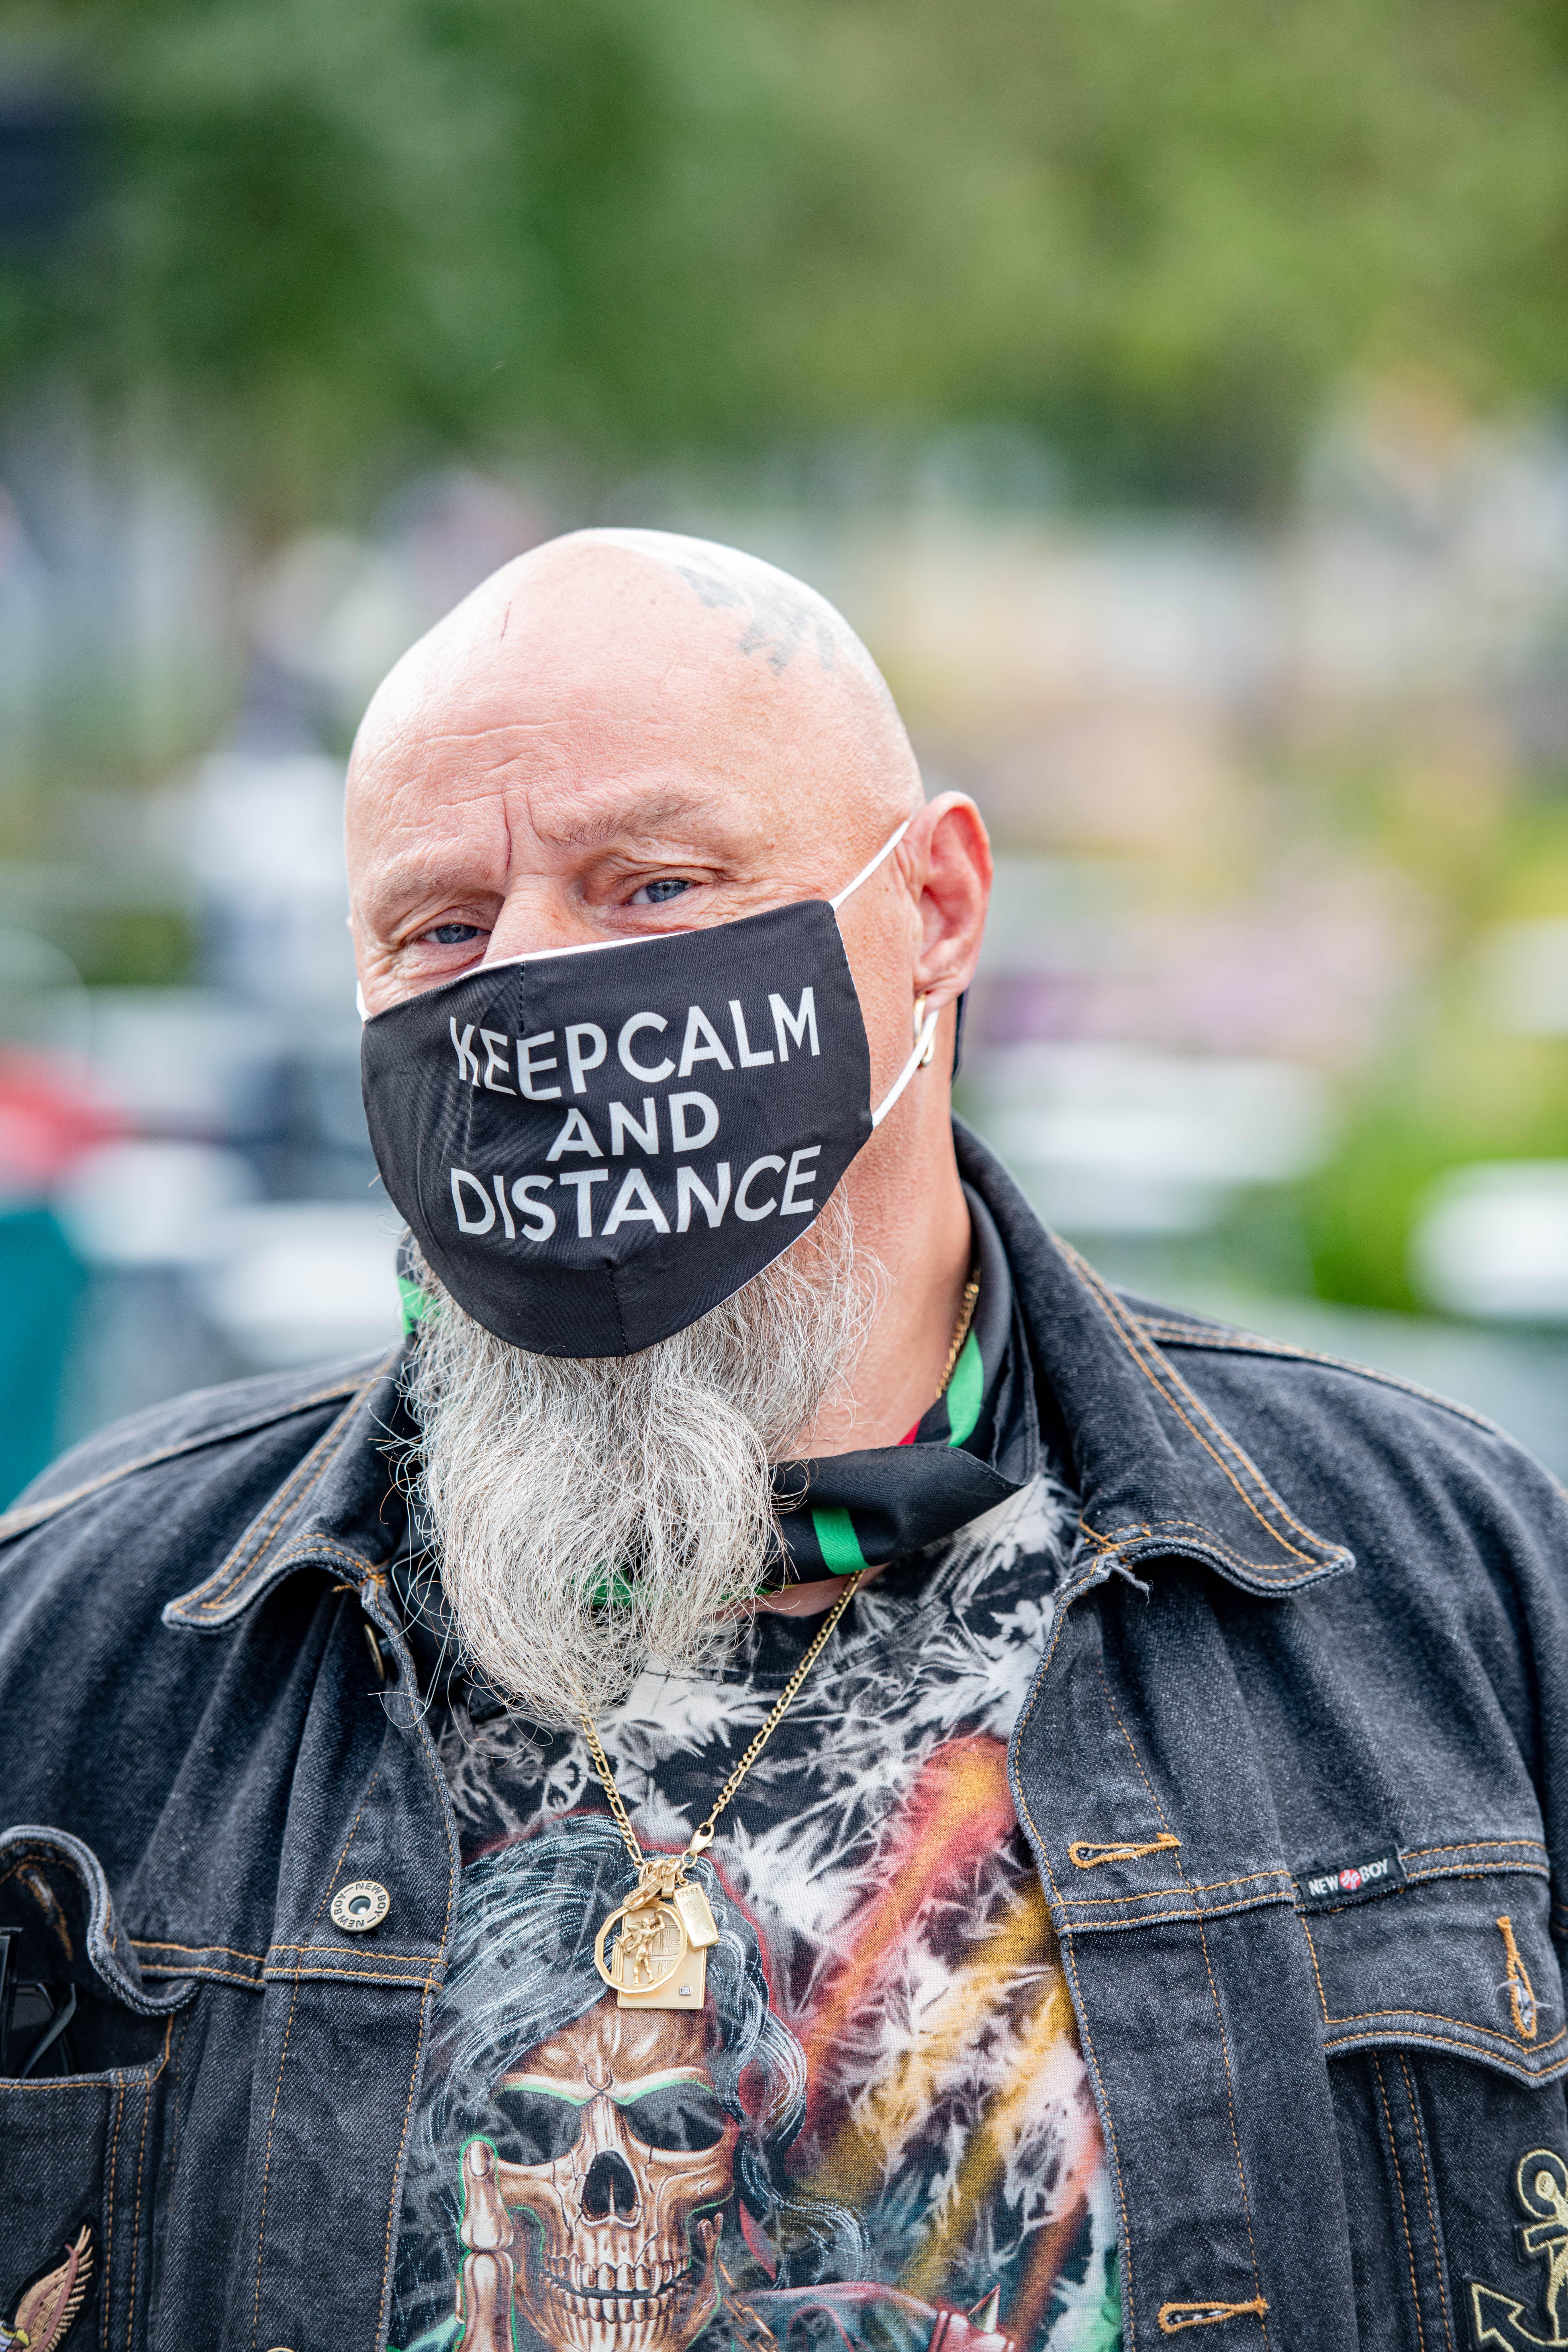 Een foto van een man met een mondkapje op een markt in Antwerpen